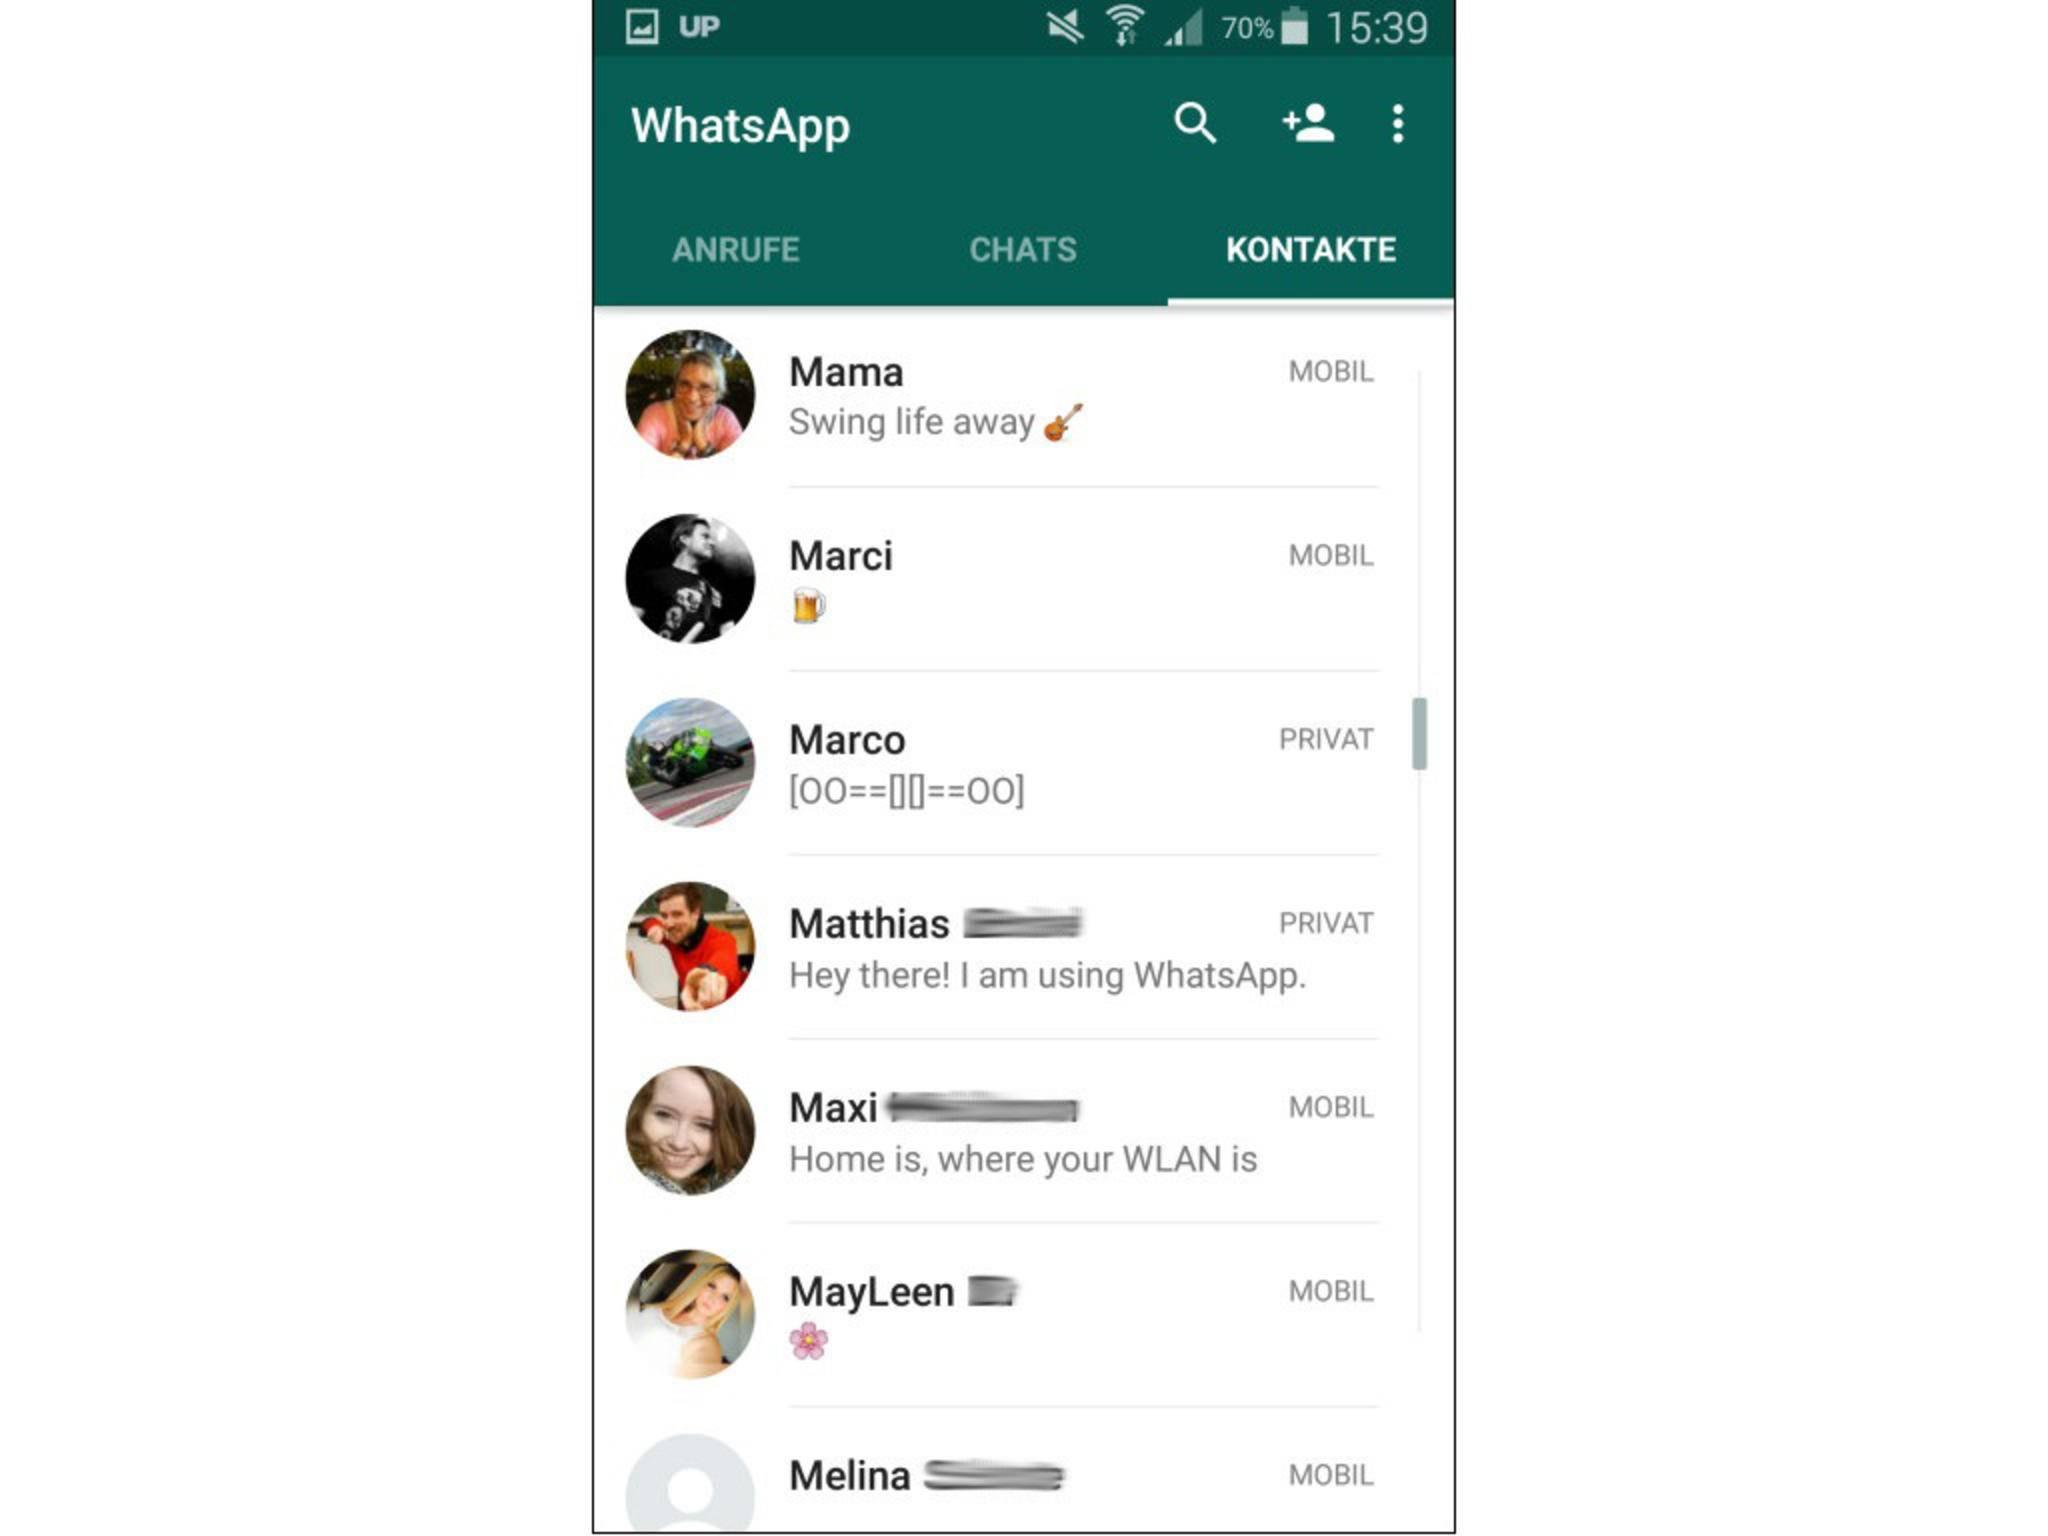 Whatsapp status spr che die besten spr che f r jede for Whatsapp status ideen